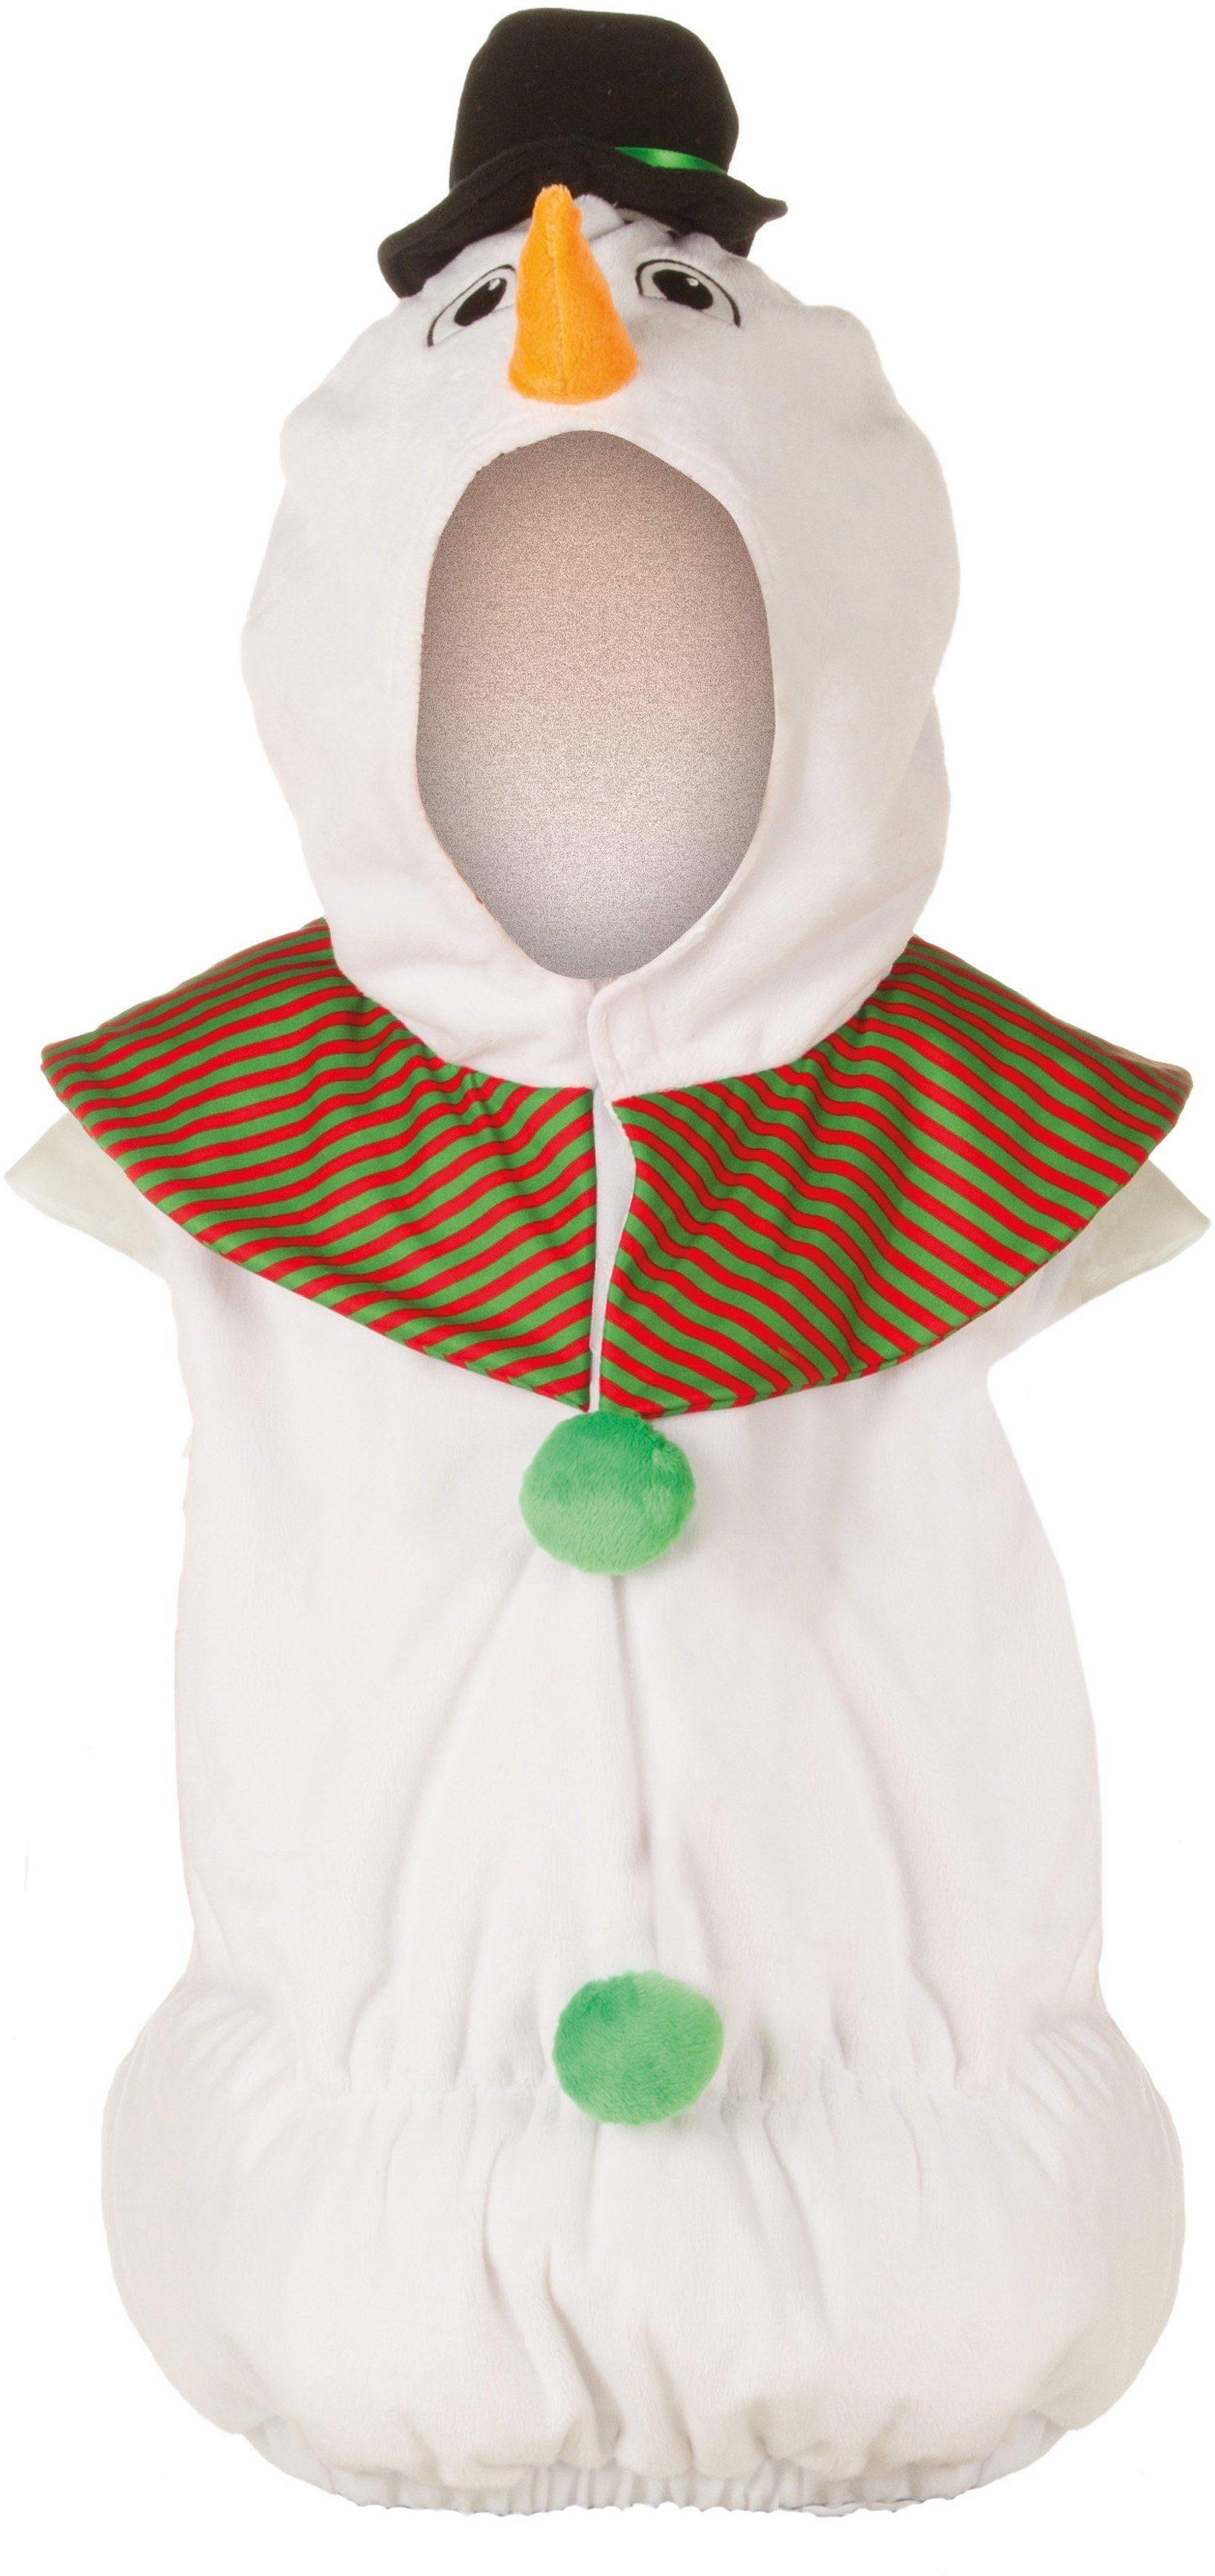 Heunec Karneval Kostüm für Kinder, Größe 128, »Kostüm-Weste Schneemann«